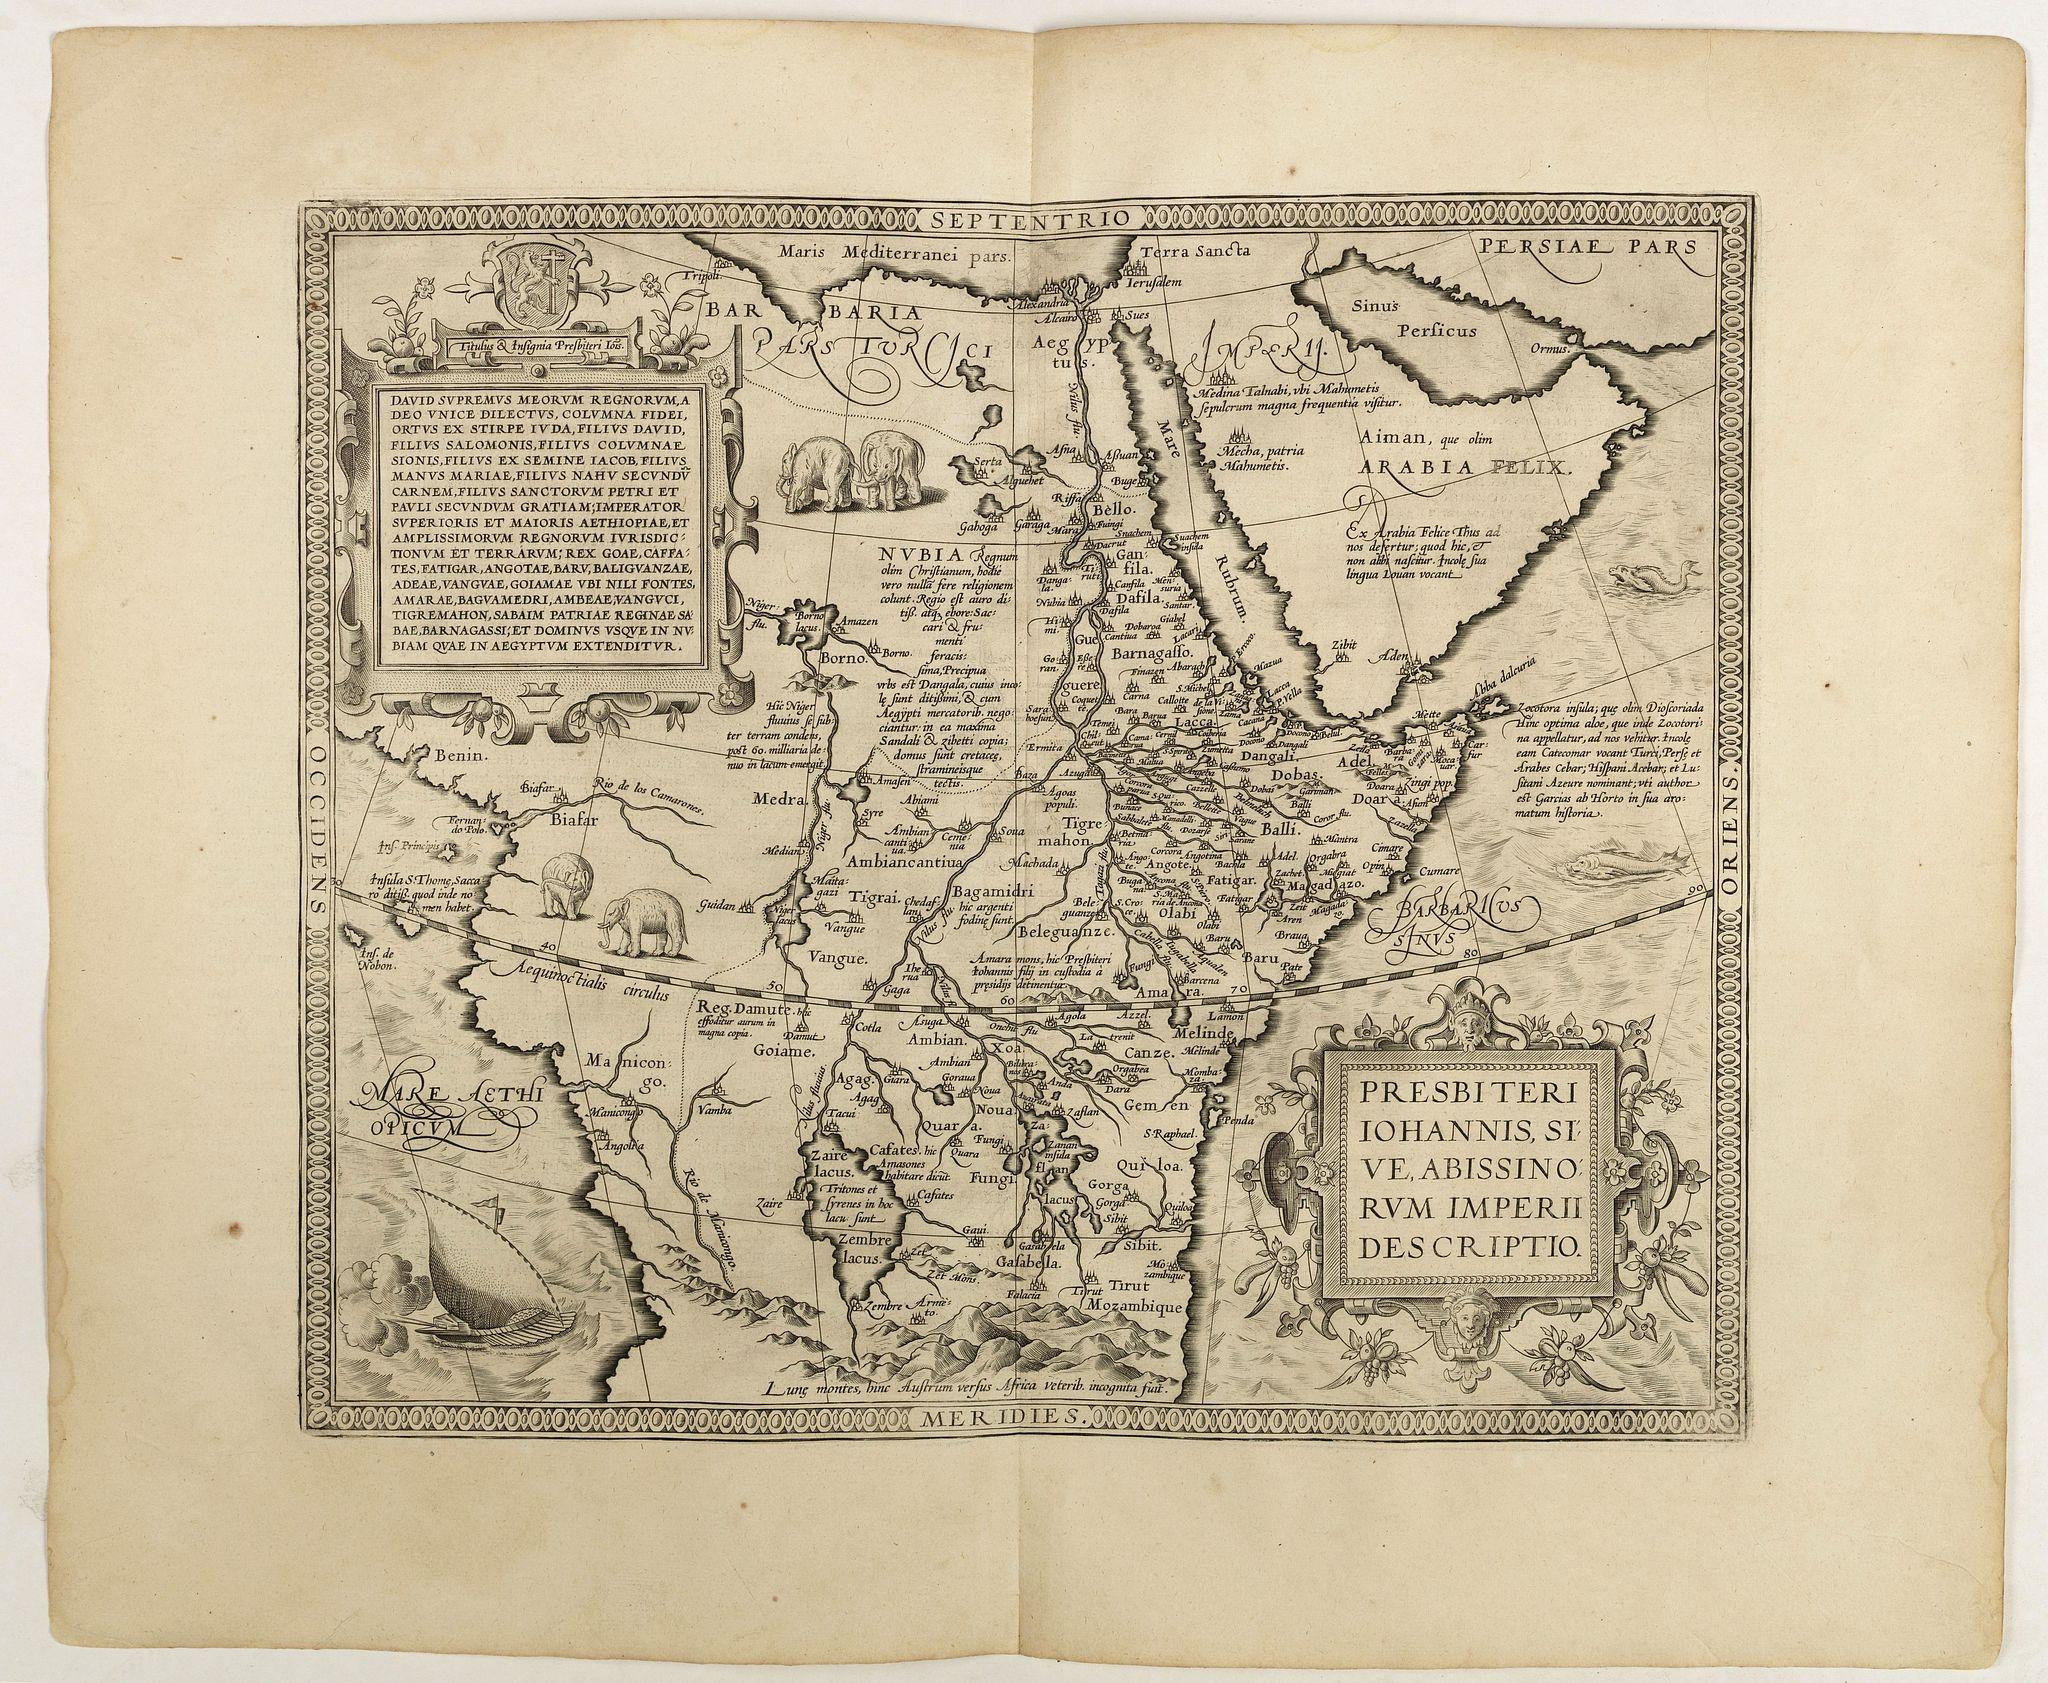 ORTELIUS, A. -  Presbiteri Johannis, sive Abissinorum Imperii descriptio.